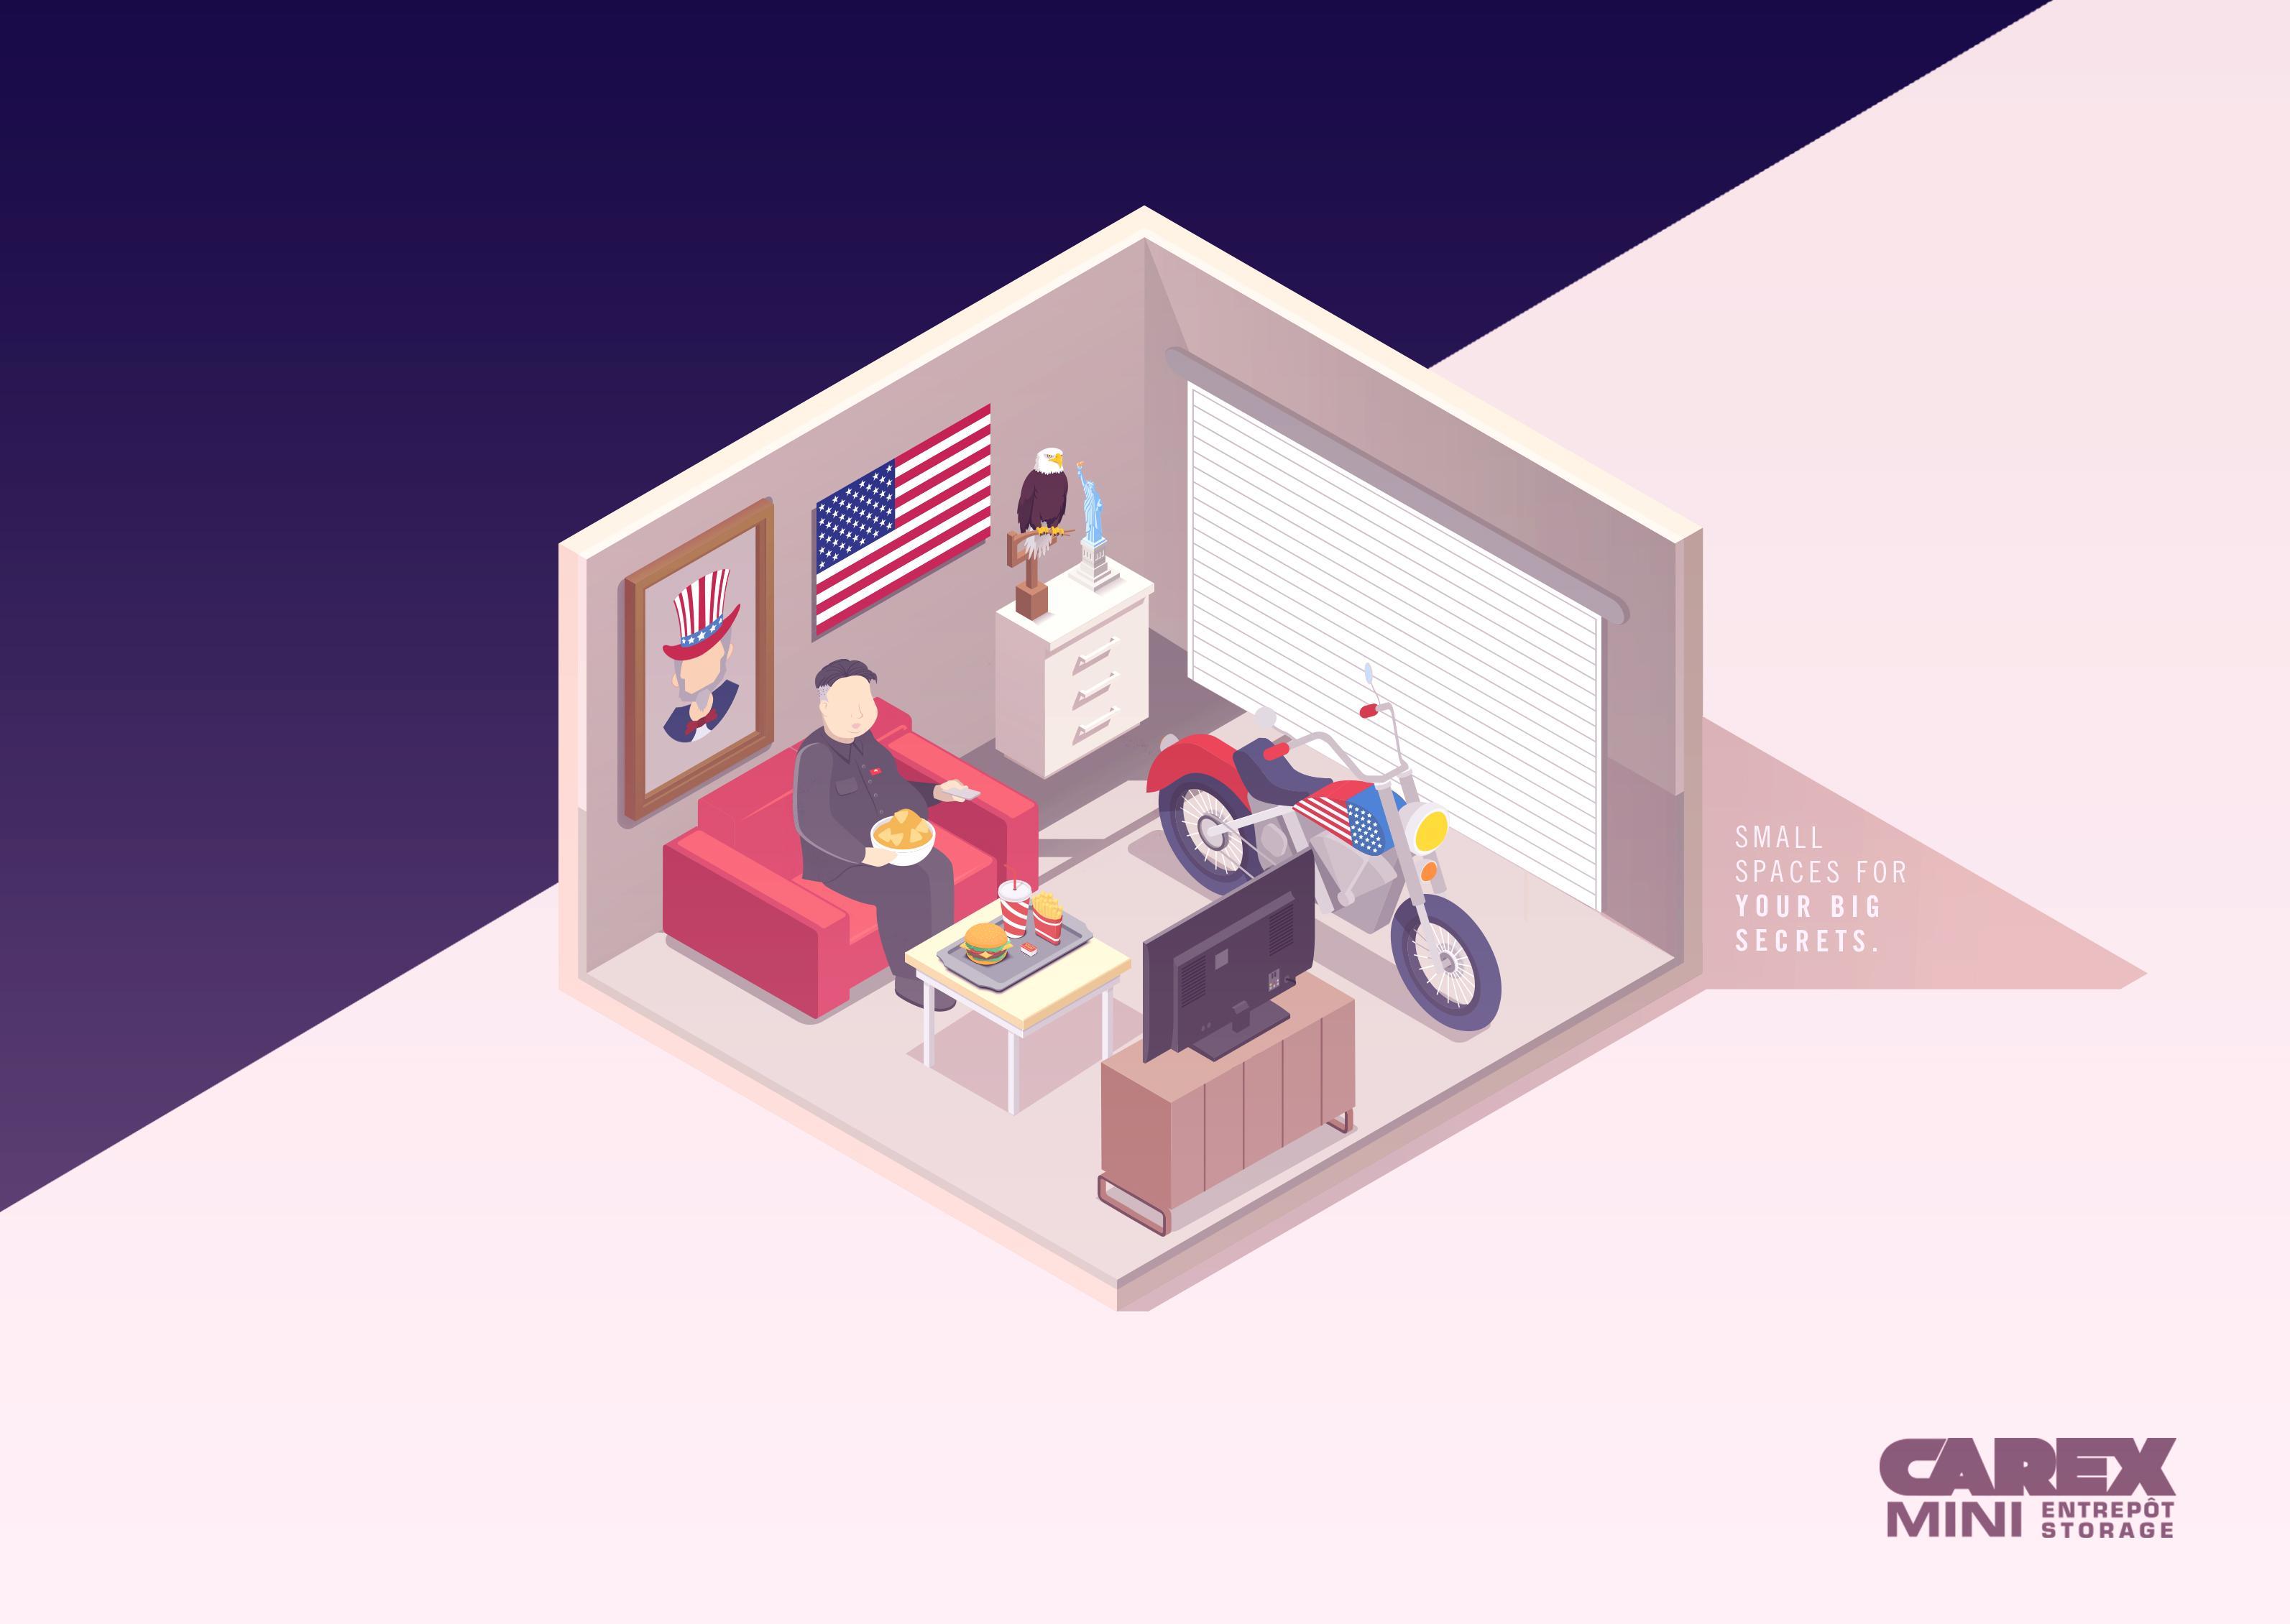 Carex Mini-Storage Print Ad - Kim Jong Un